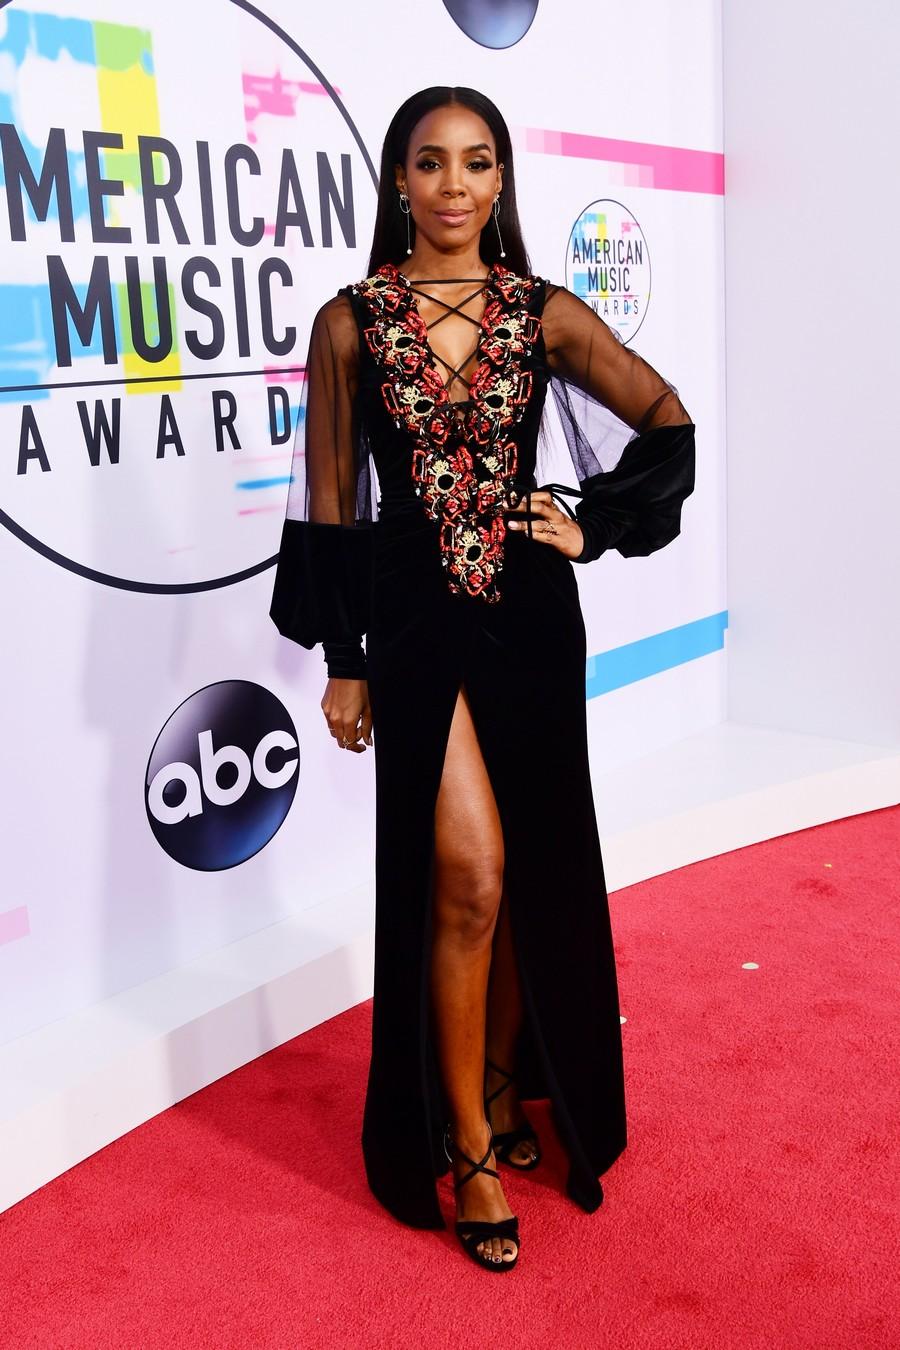 American Music Awards 2017: Lista completa de nominados y ganadores